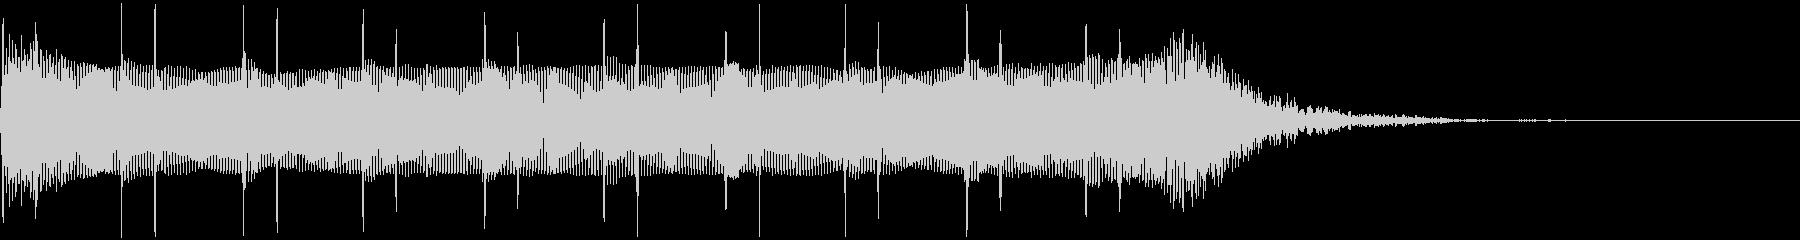 シネマティック:10カウントの未再生の波形